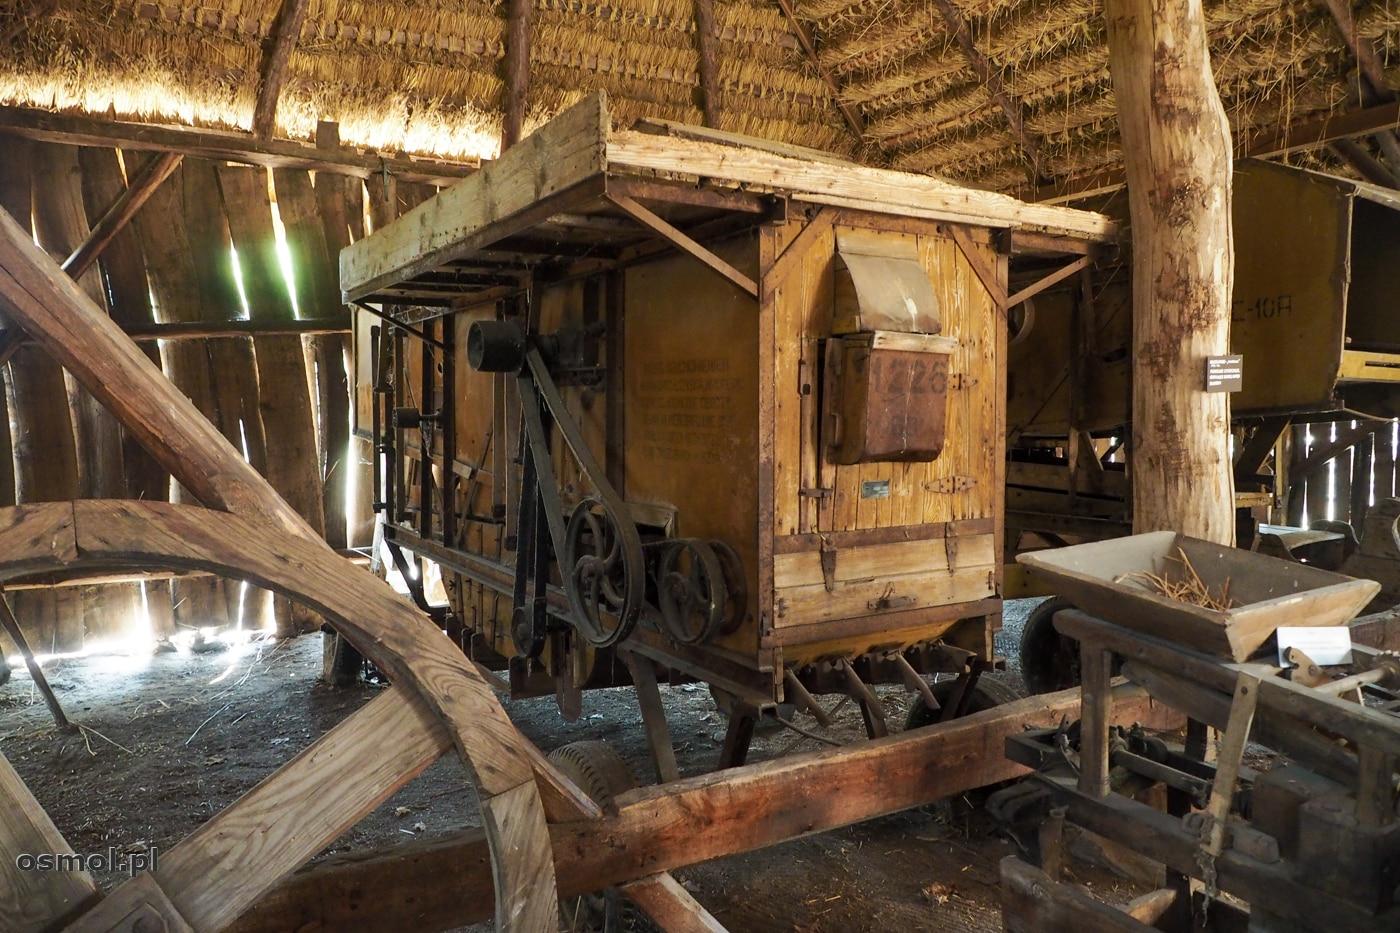 Młockarnia w skansenie w Maurzycach. Taką młockarnię pamiętam jeszcze ze stodoły dziadka.